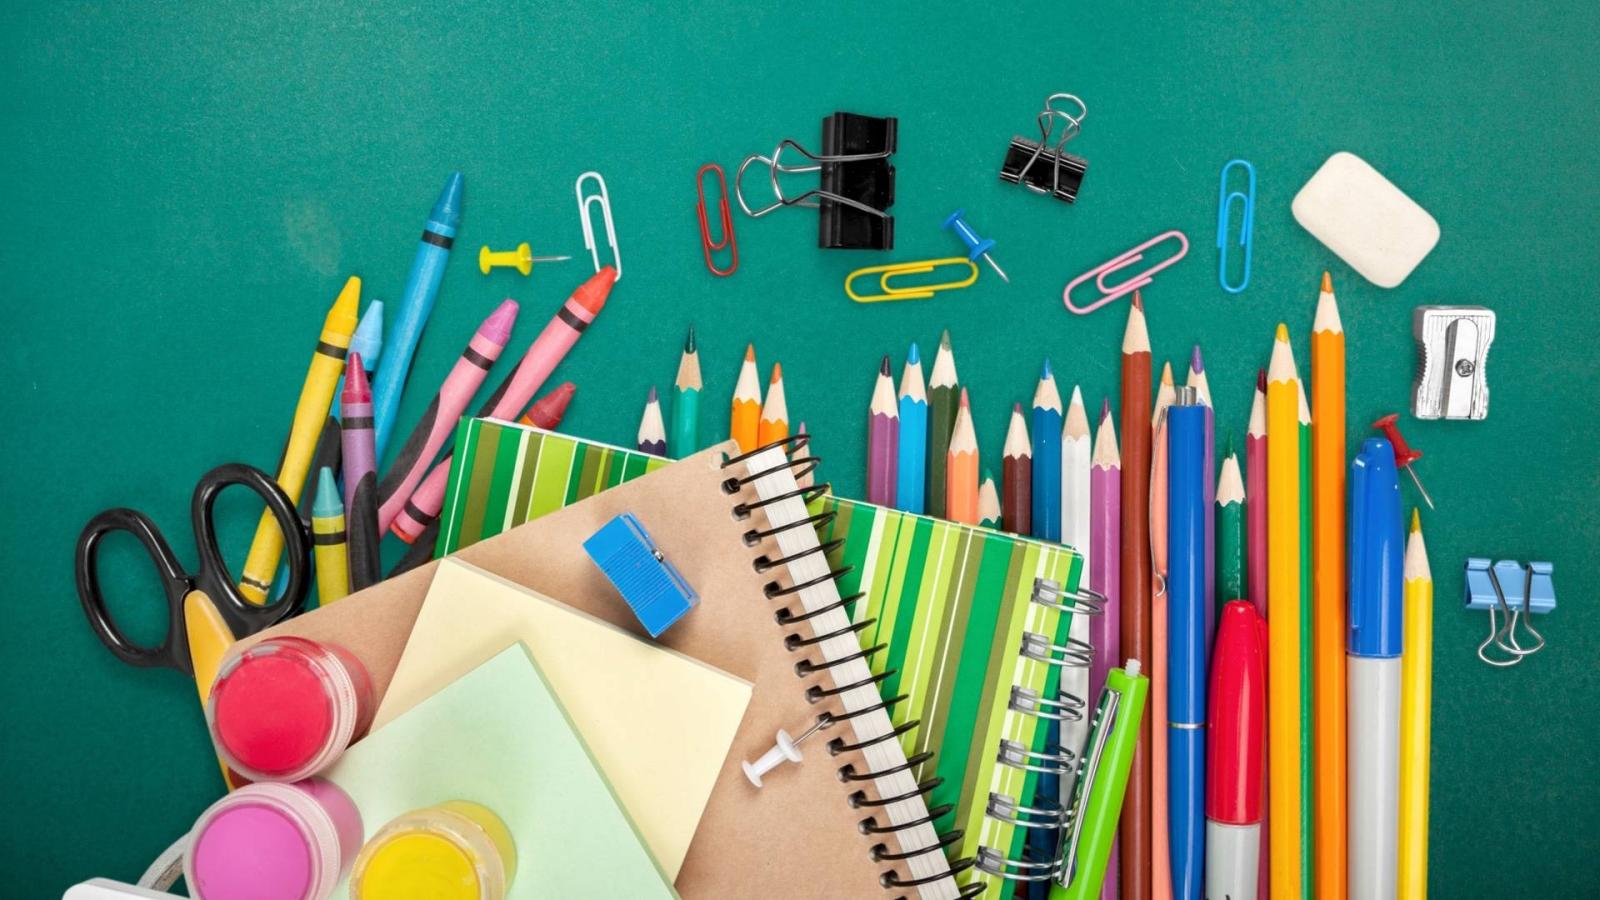 راهکارهای جادویی علاقه مند کردن کودک به مدرسه